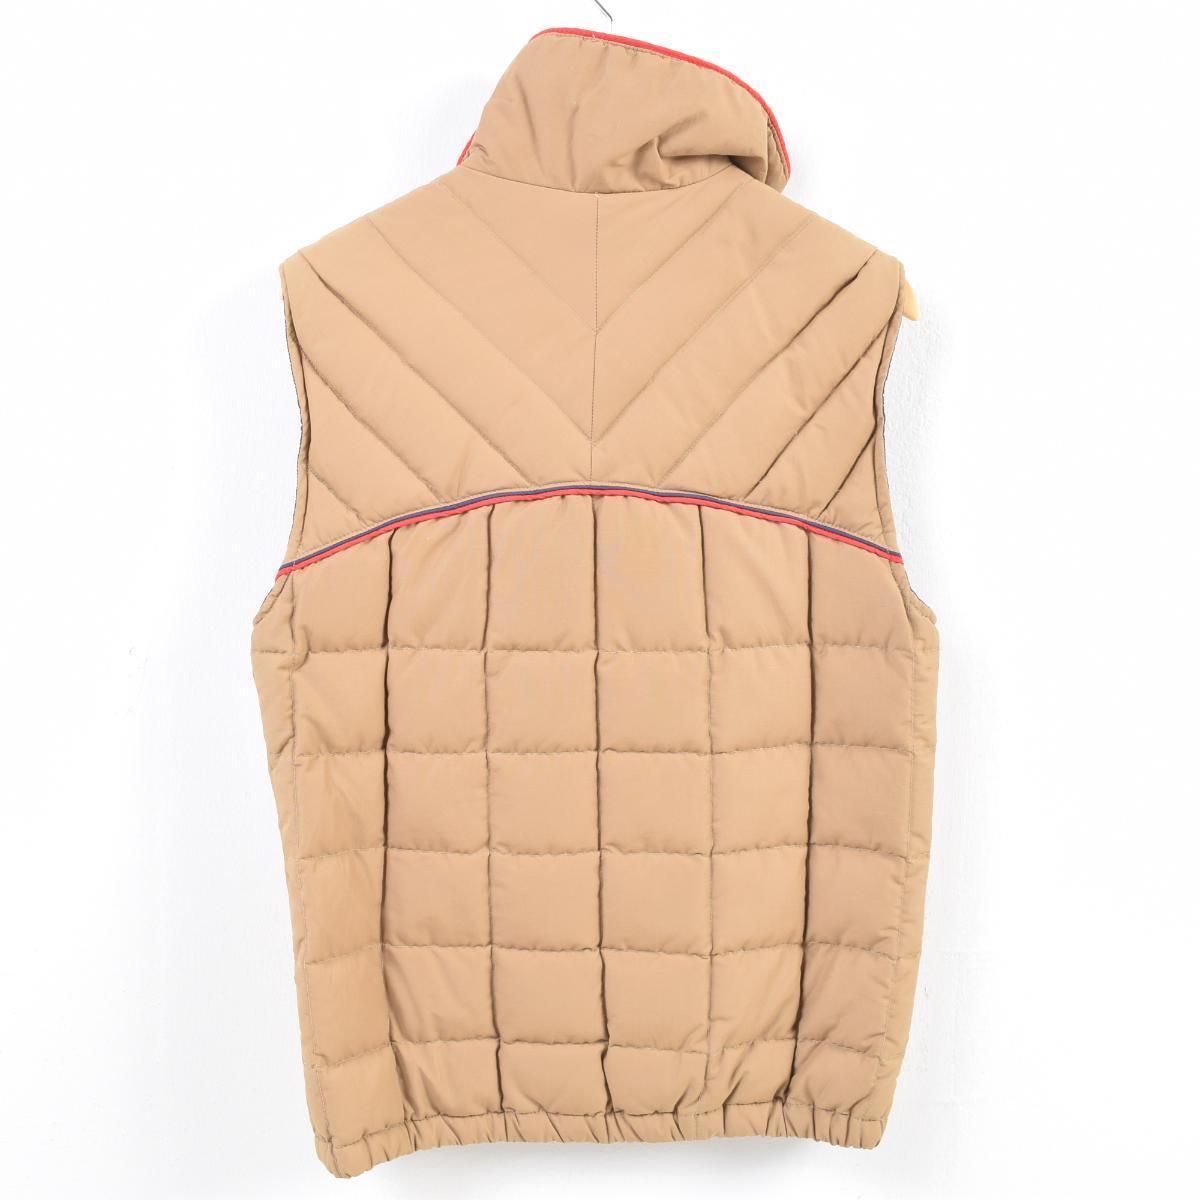 607d3b23100 80s Eddie Bauer Eddie Bauer goose down vest men M vintage /waq7371